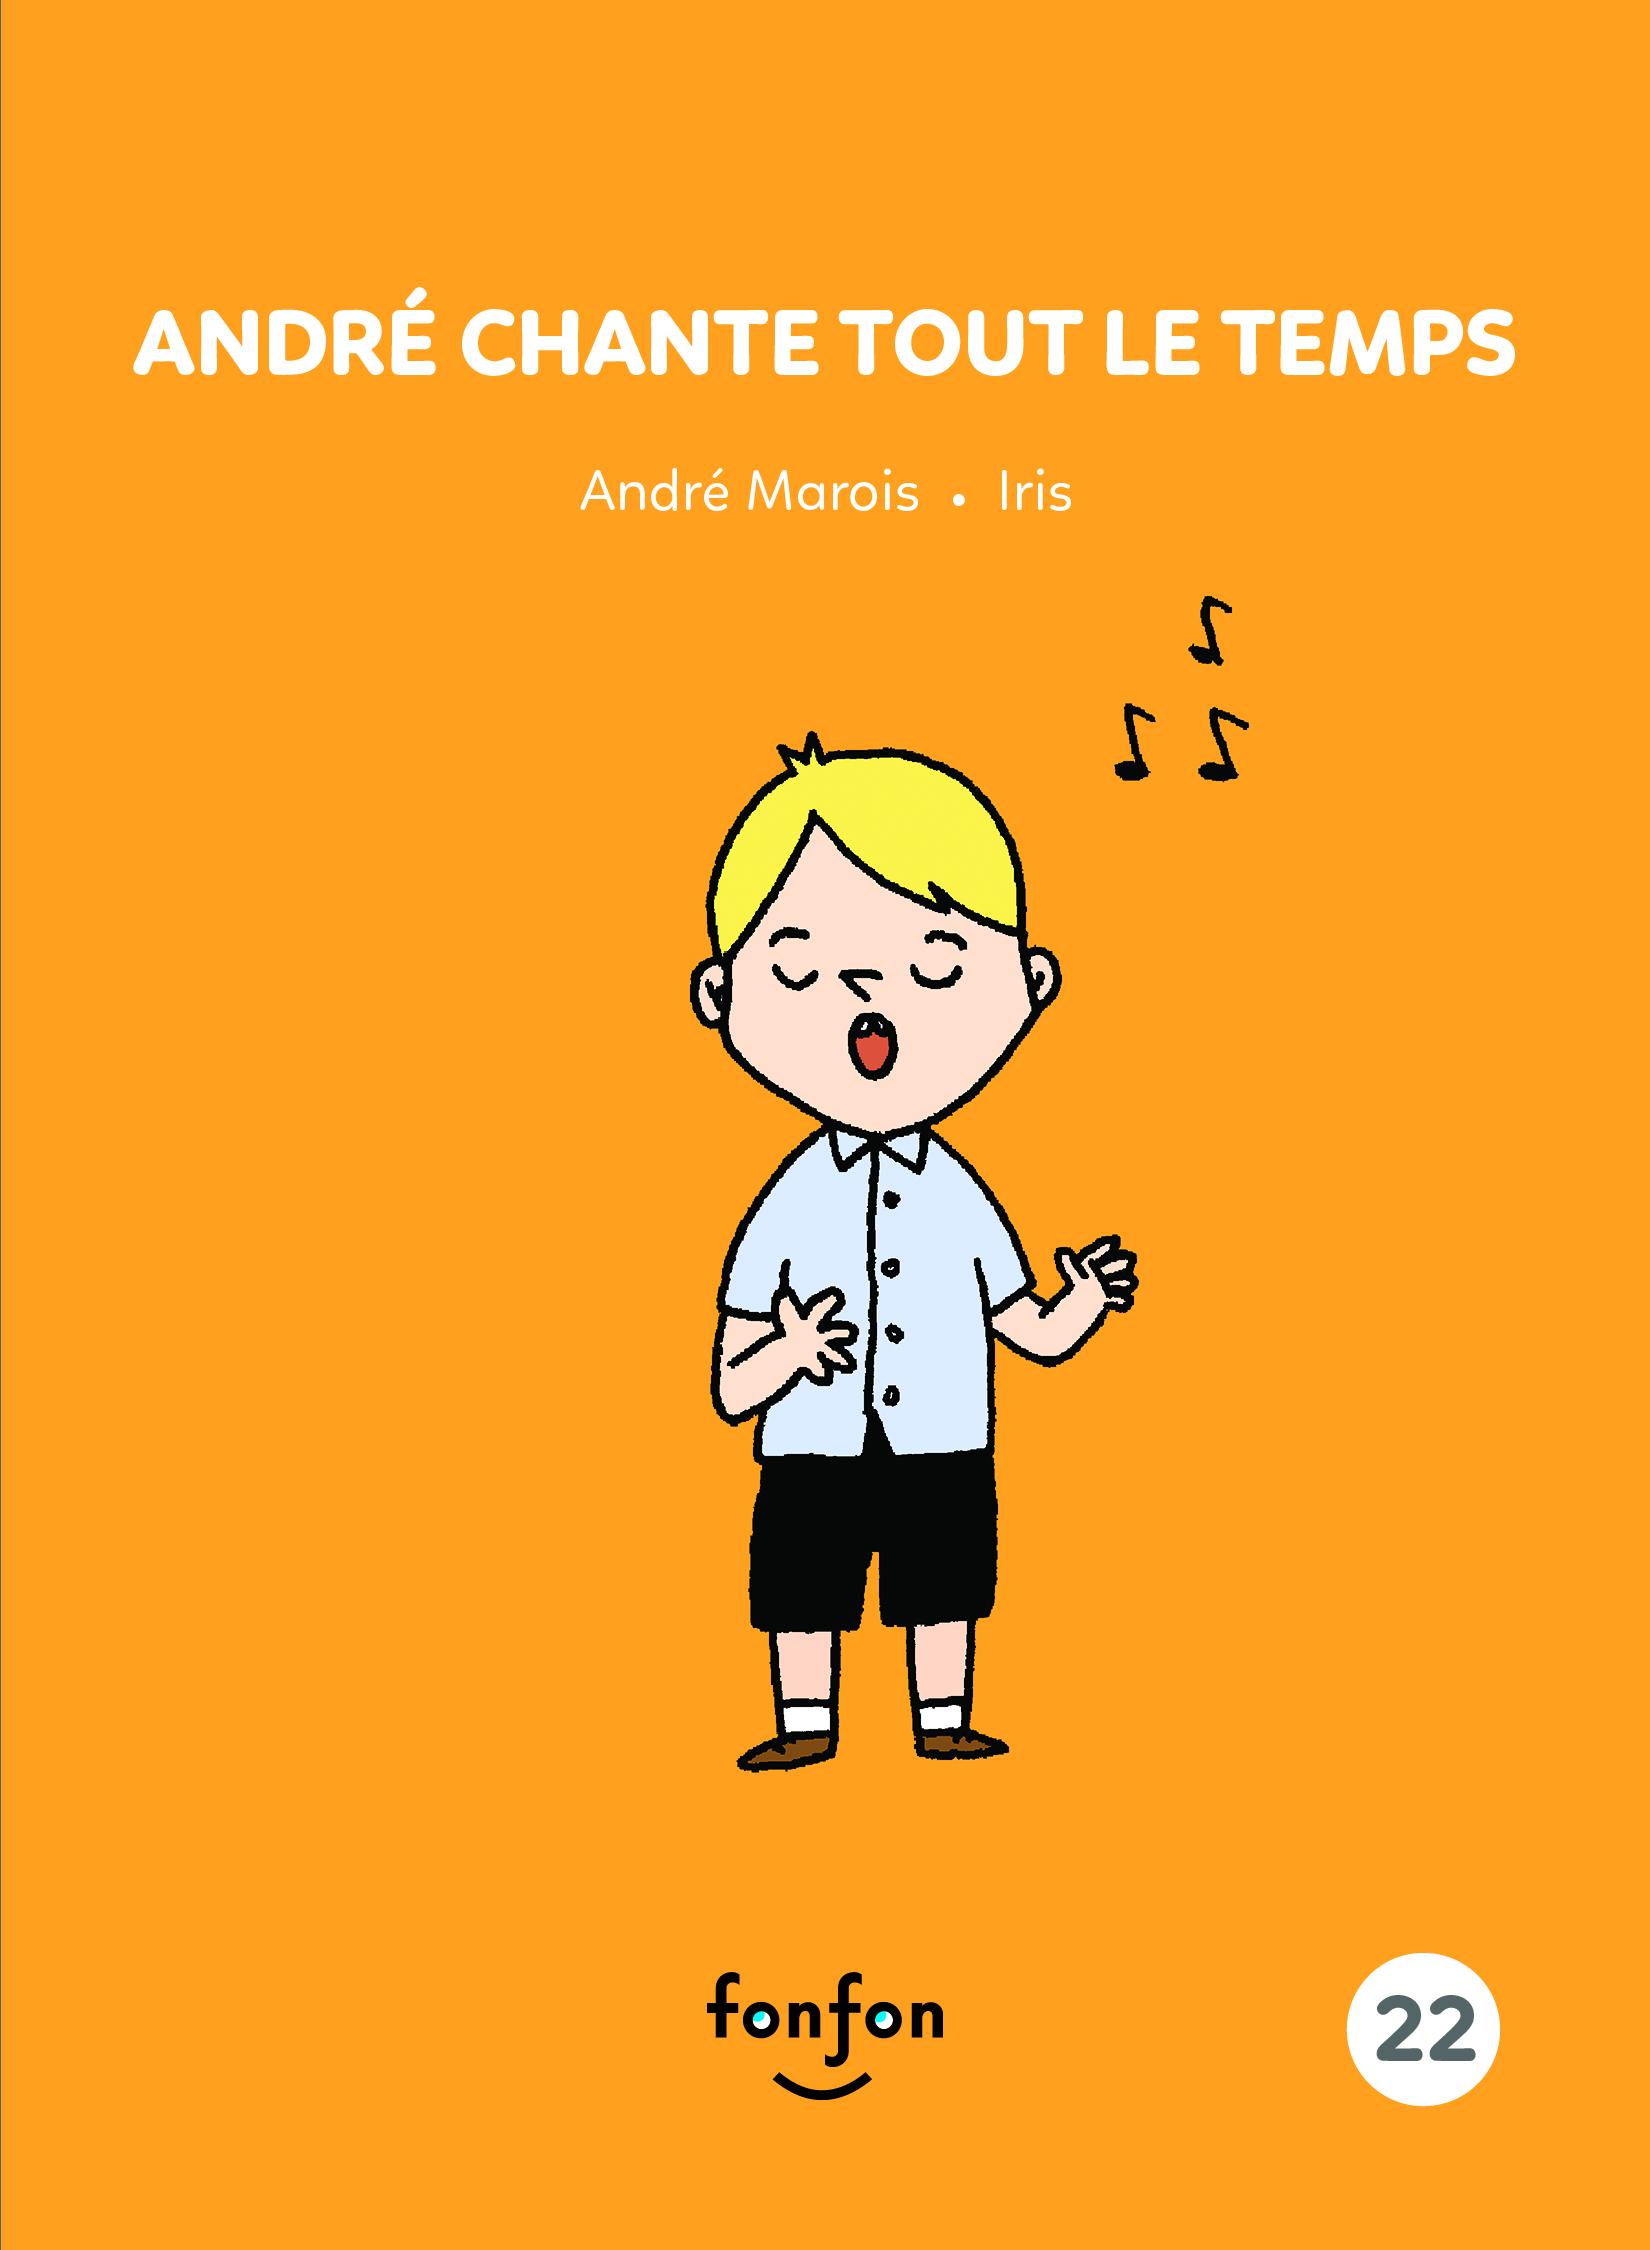 André chante tout le temps